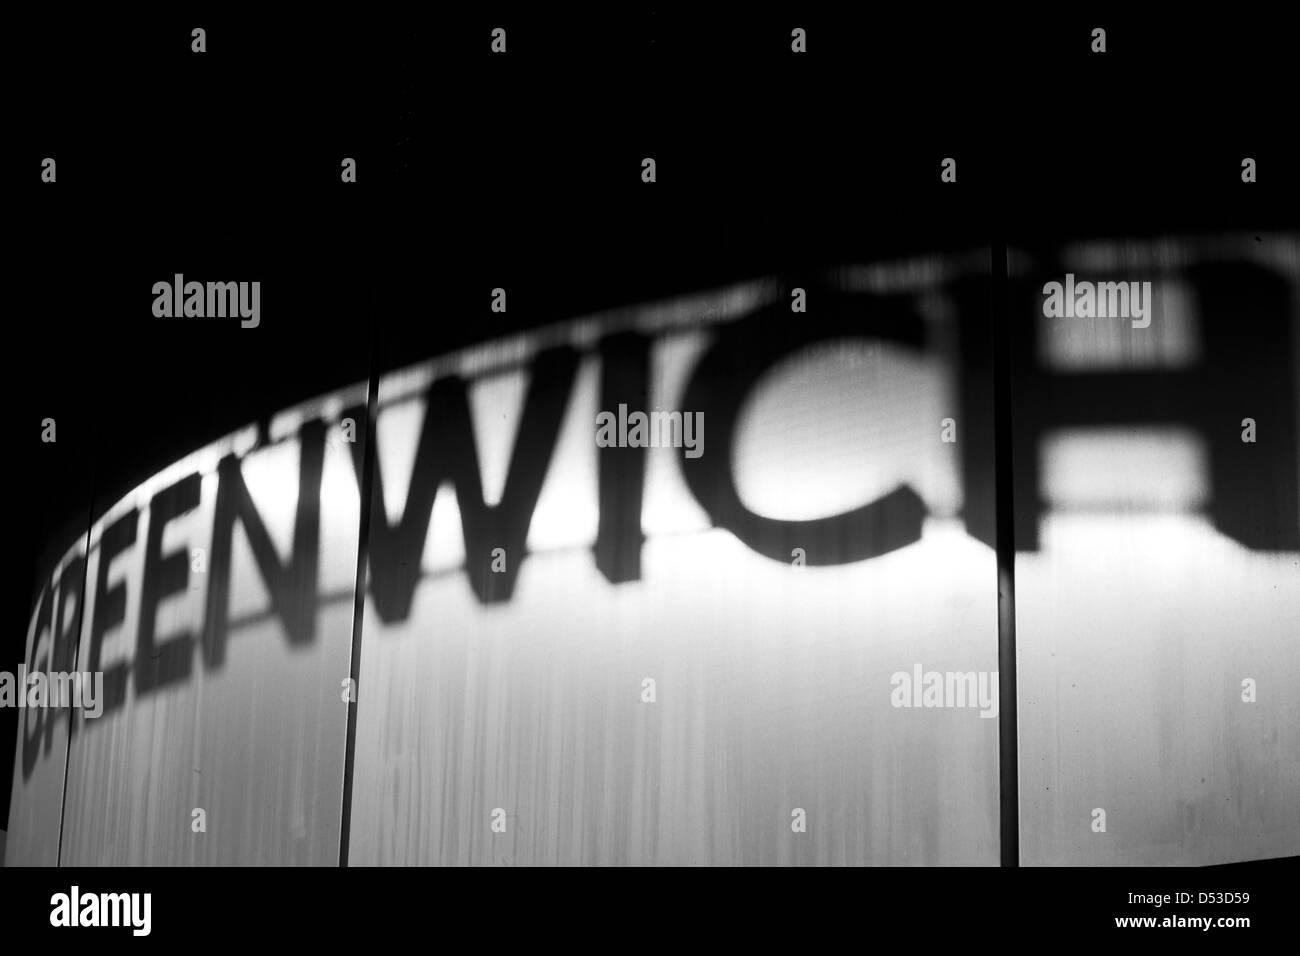 Greenwich Reflection, London, UK - Stock Image